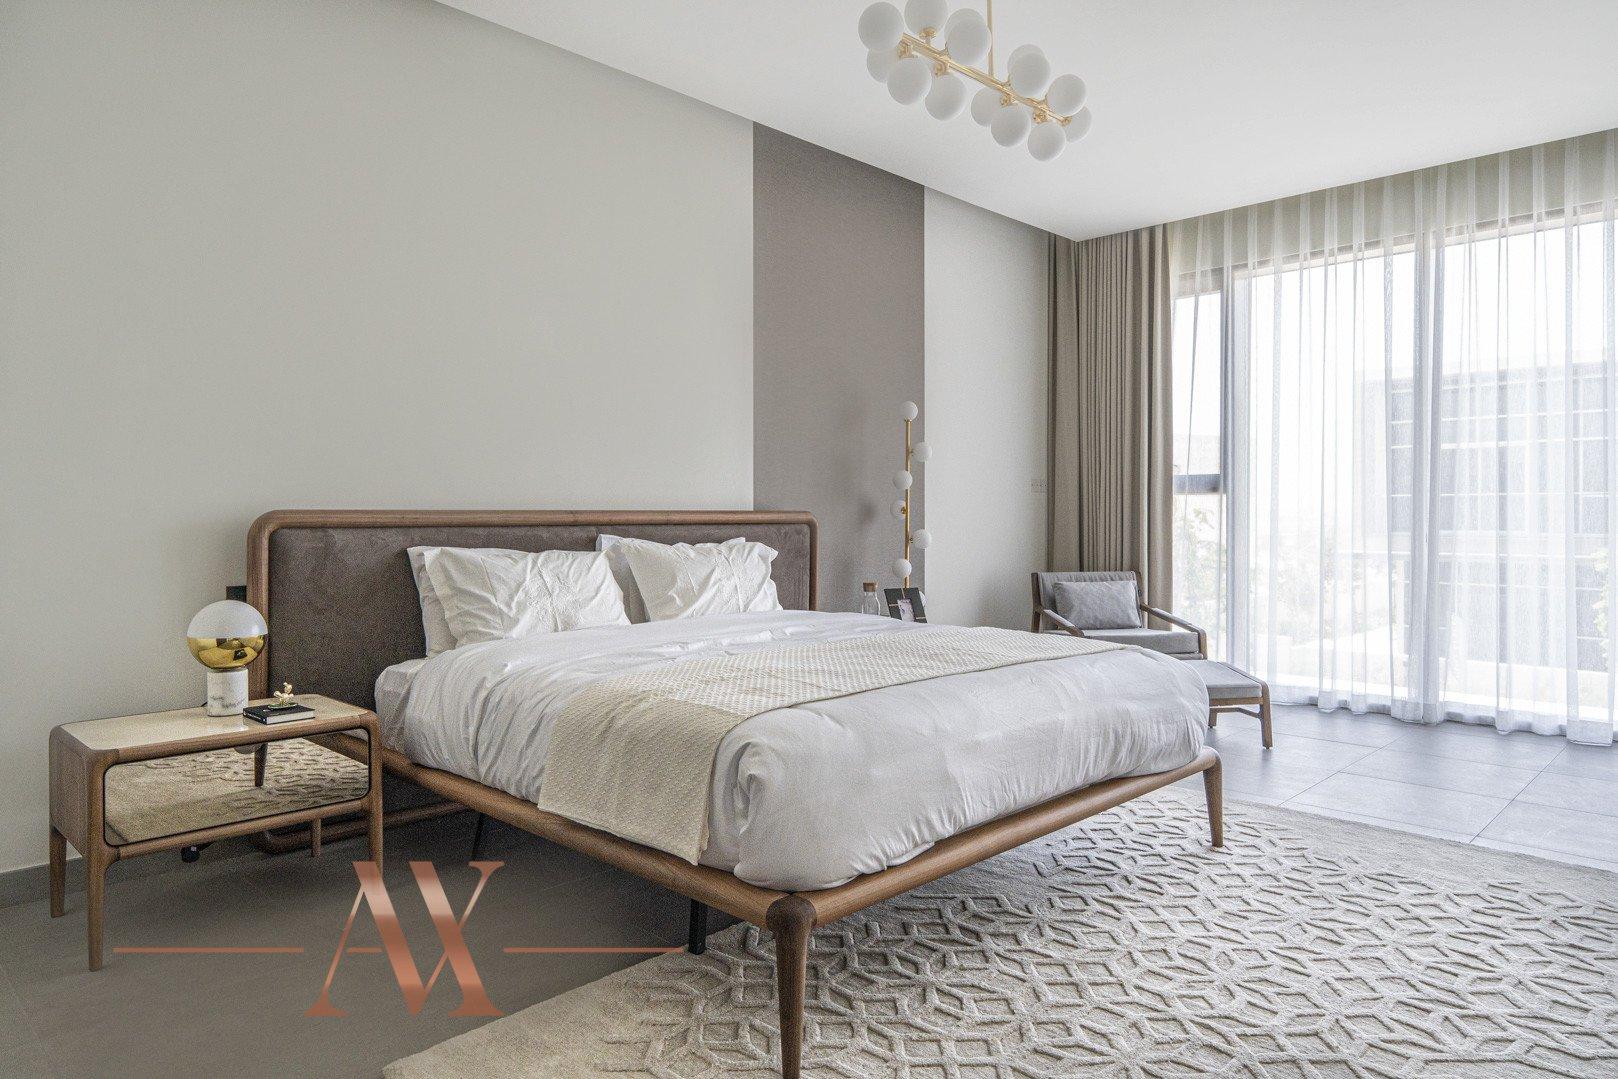 Villa en venta en Dubai, EAU, 4 dormitorios, 659.6 m2, № 23710 – foto 5